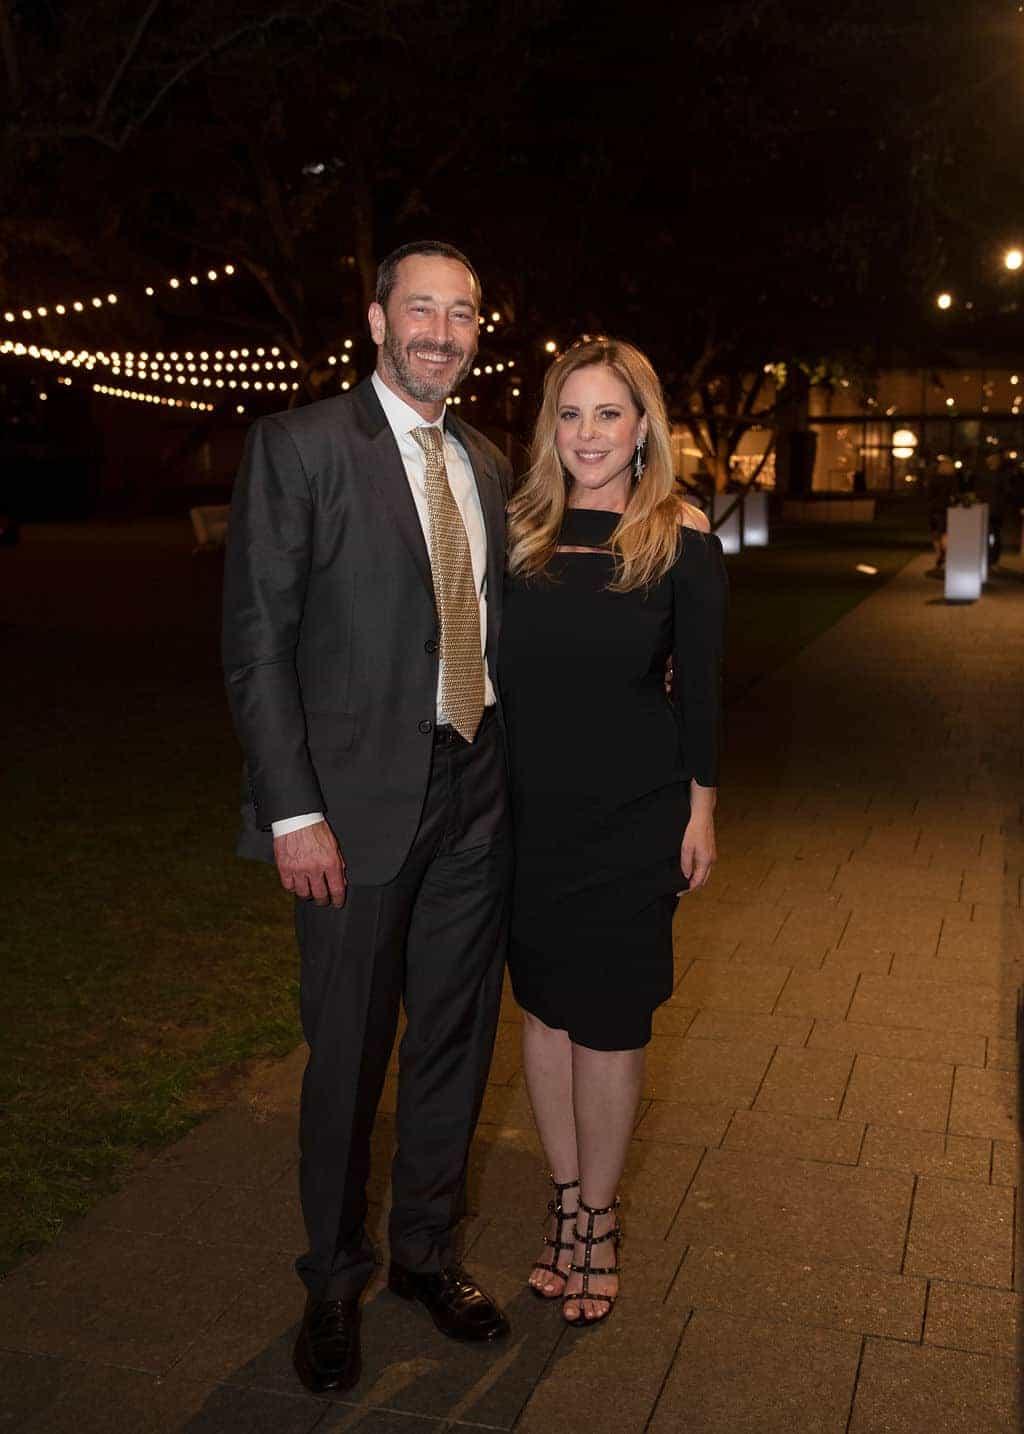 Robert Conley and Amy Vanderoef